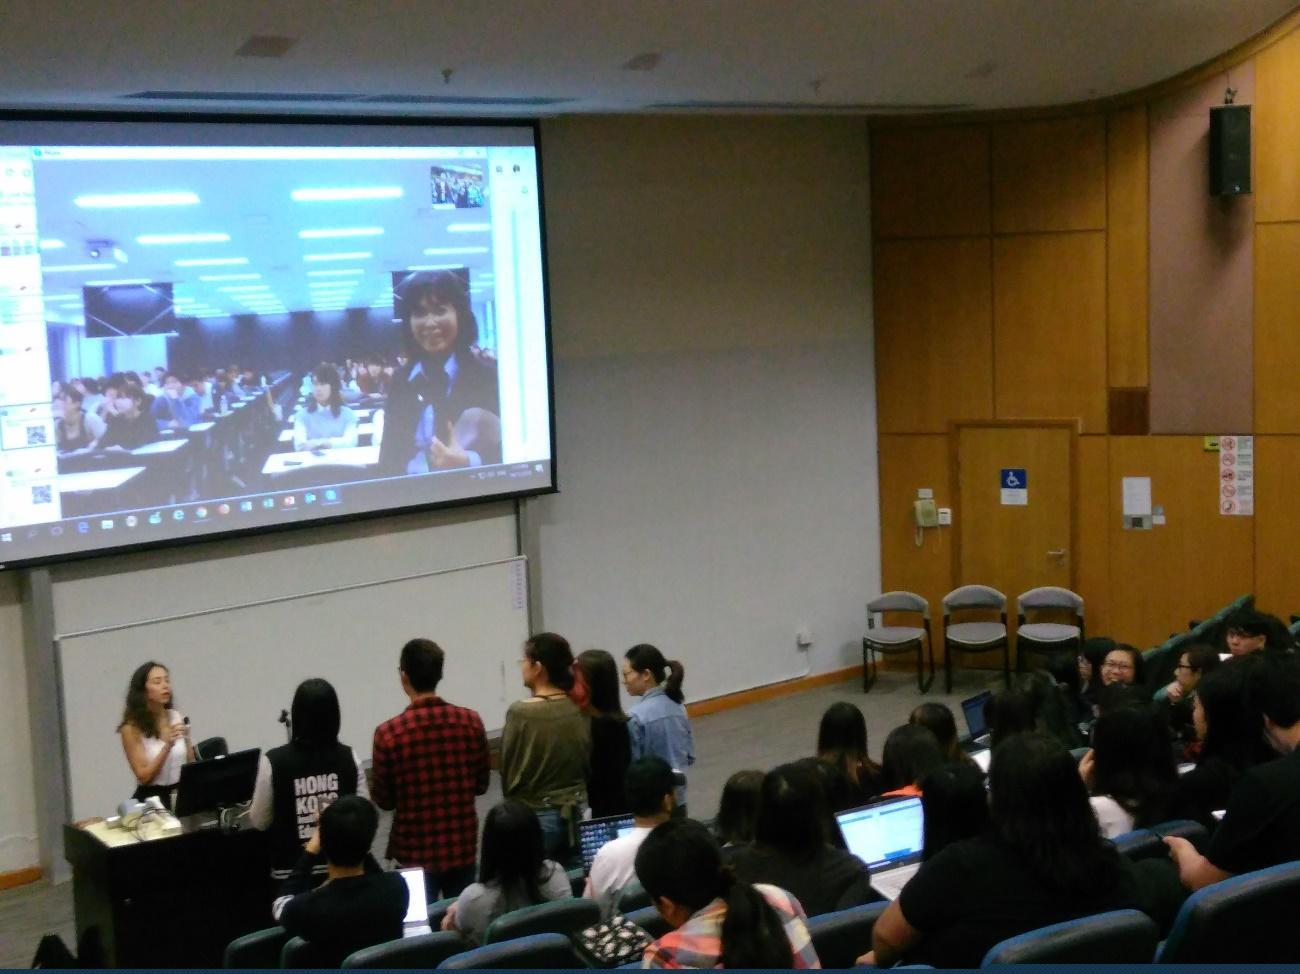 香港教育大学のスクリーンに映った名城大学の教室。前にいるのは香港教育大学のアリス・ムーリマス博士